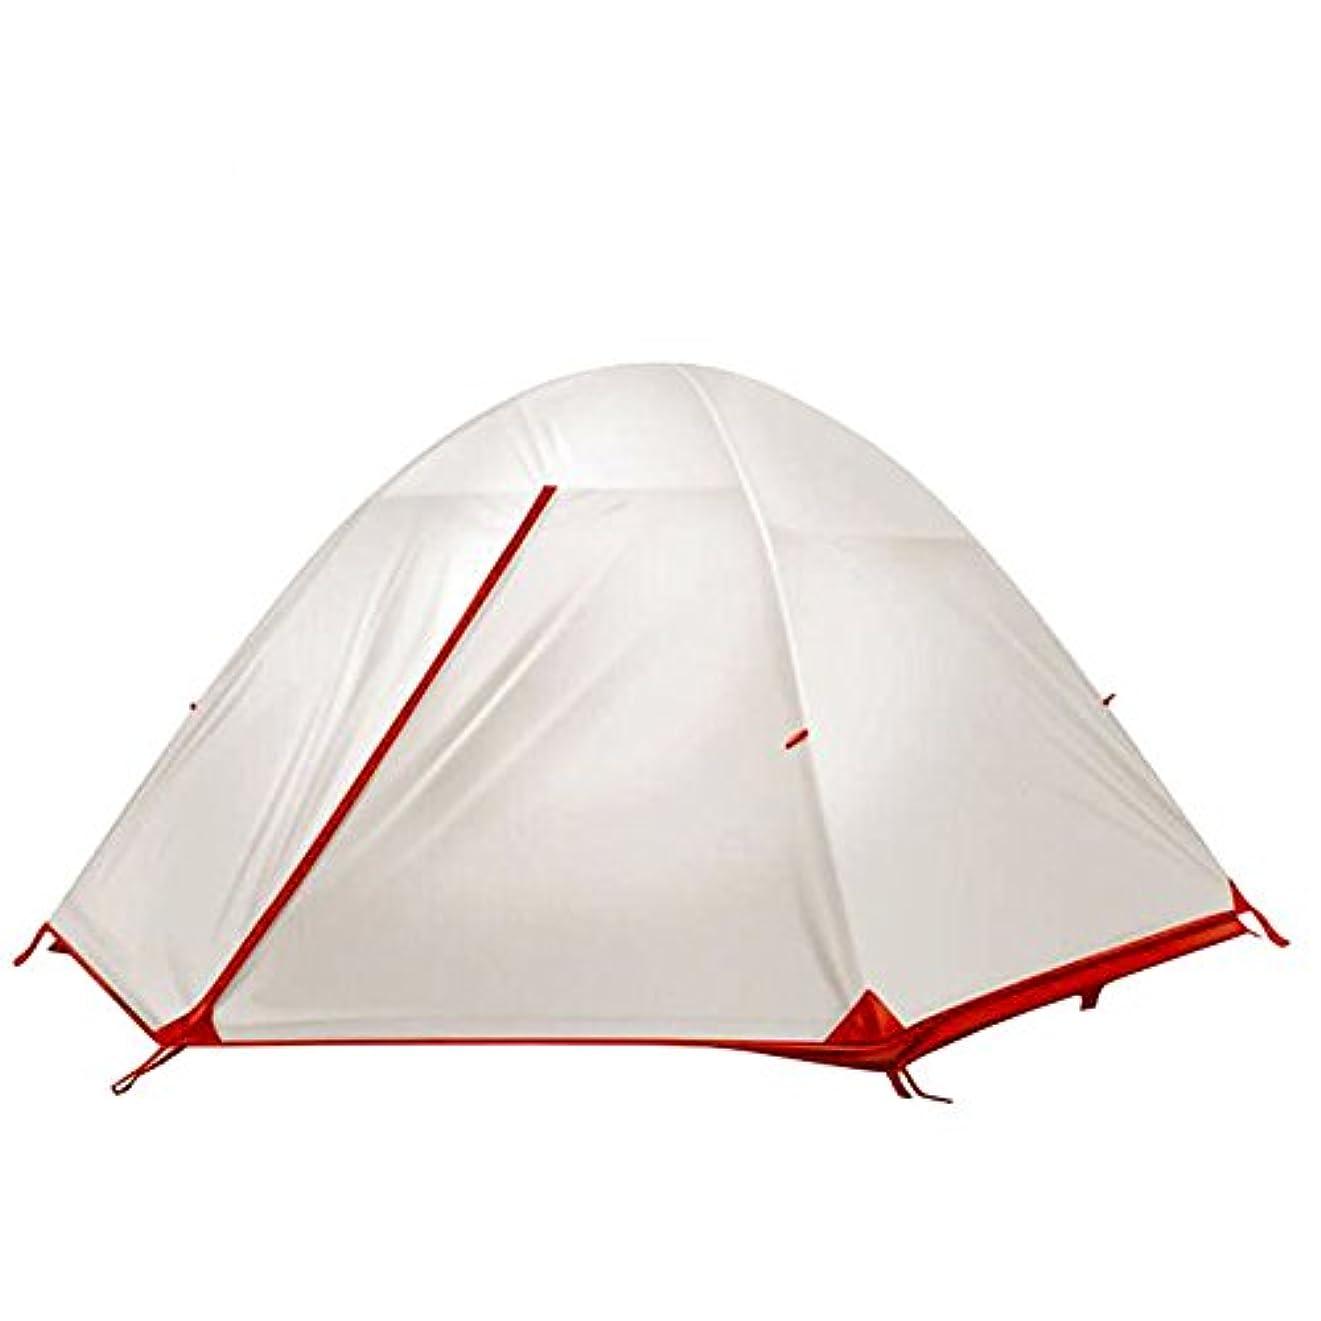 ぼろ可能性言うまでもなくテント 2人用 シリコンコーディング 耐水圧5000 アルミポール 軽量 登山 キャンプ アウトドア用